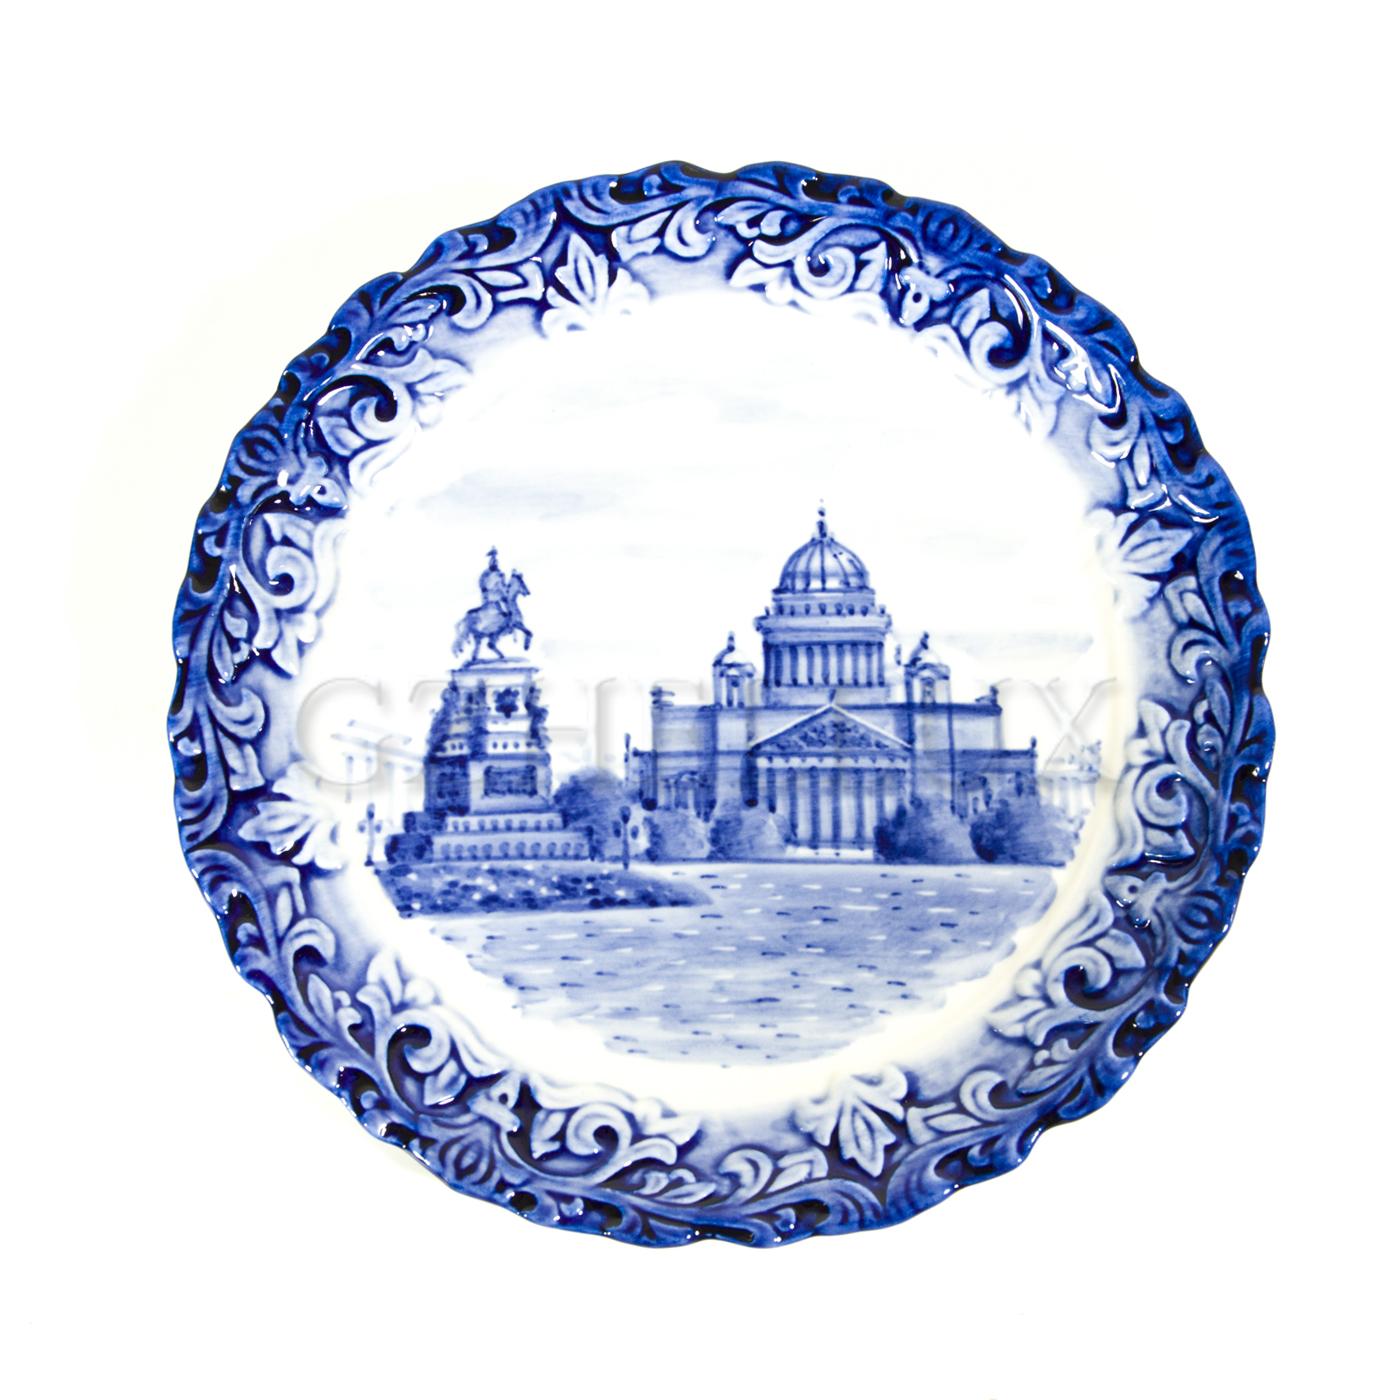 Тарелка декоративная «Санкт-Петербург»